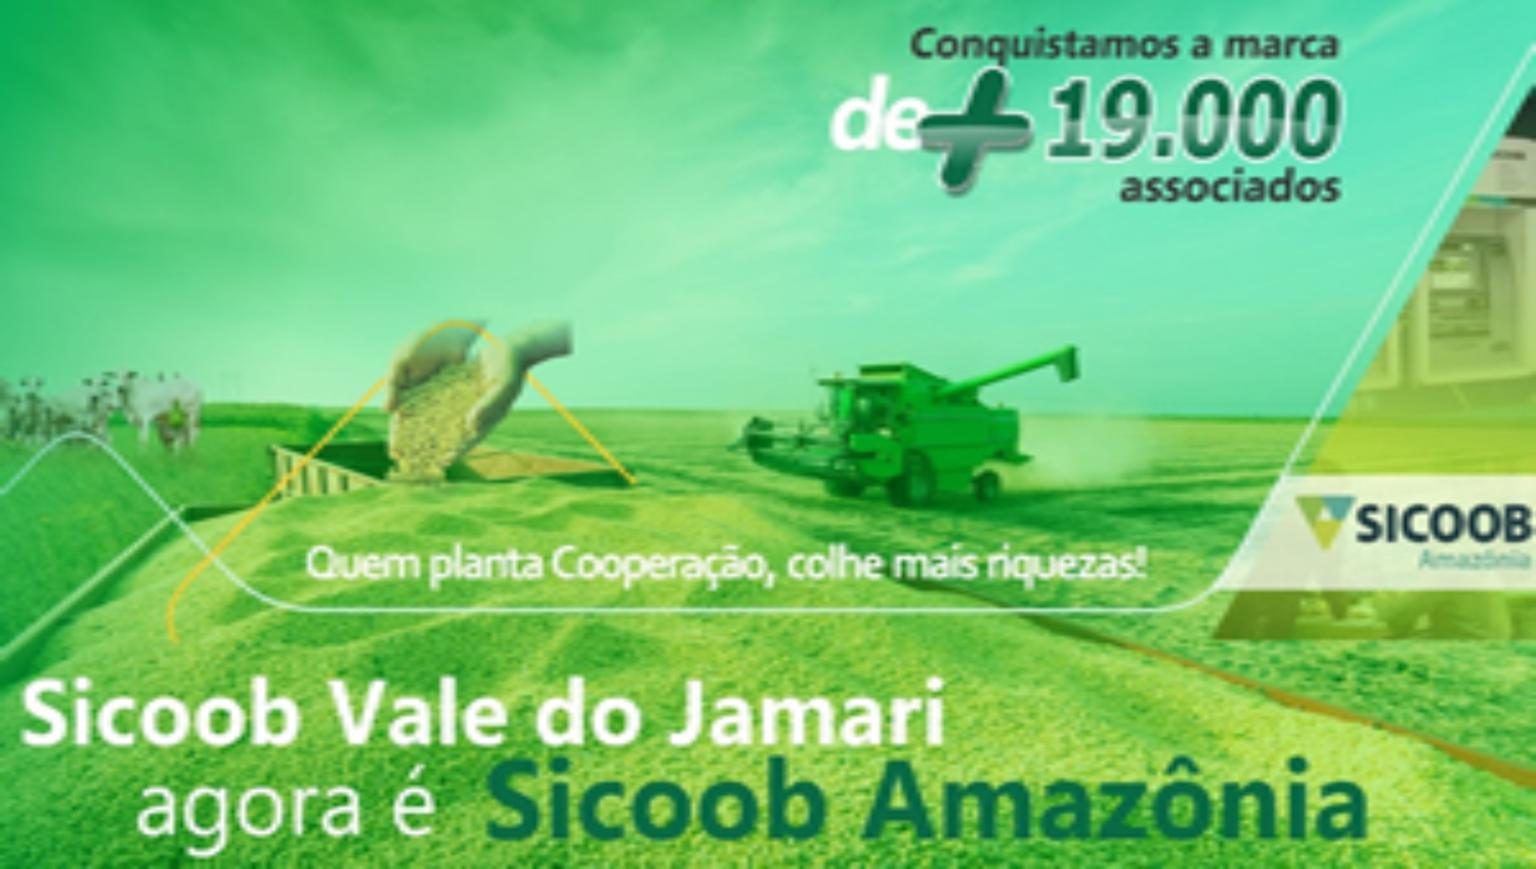 SICOOB AMAZONIA